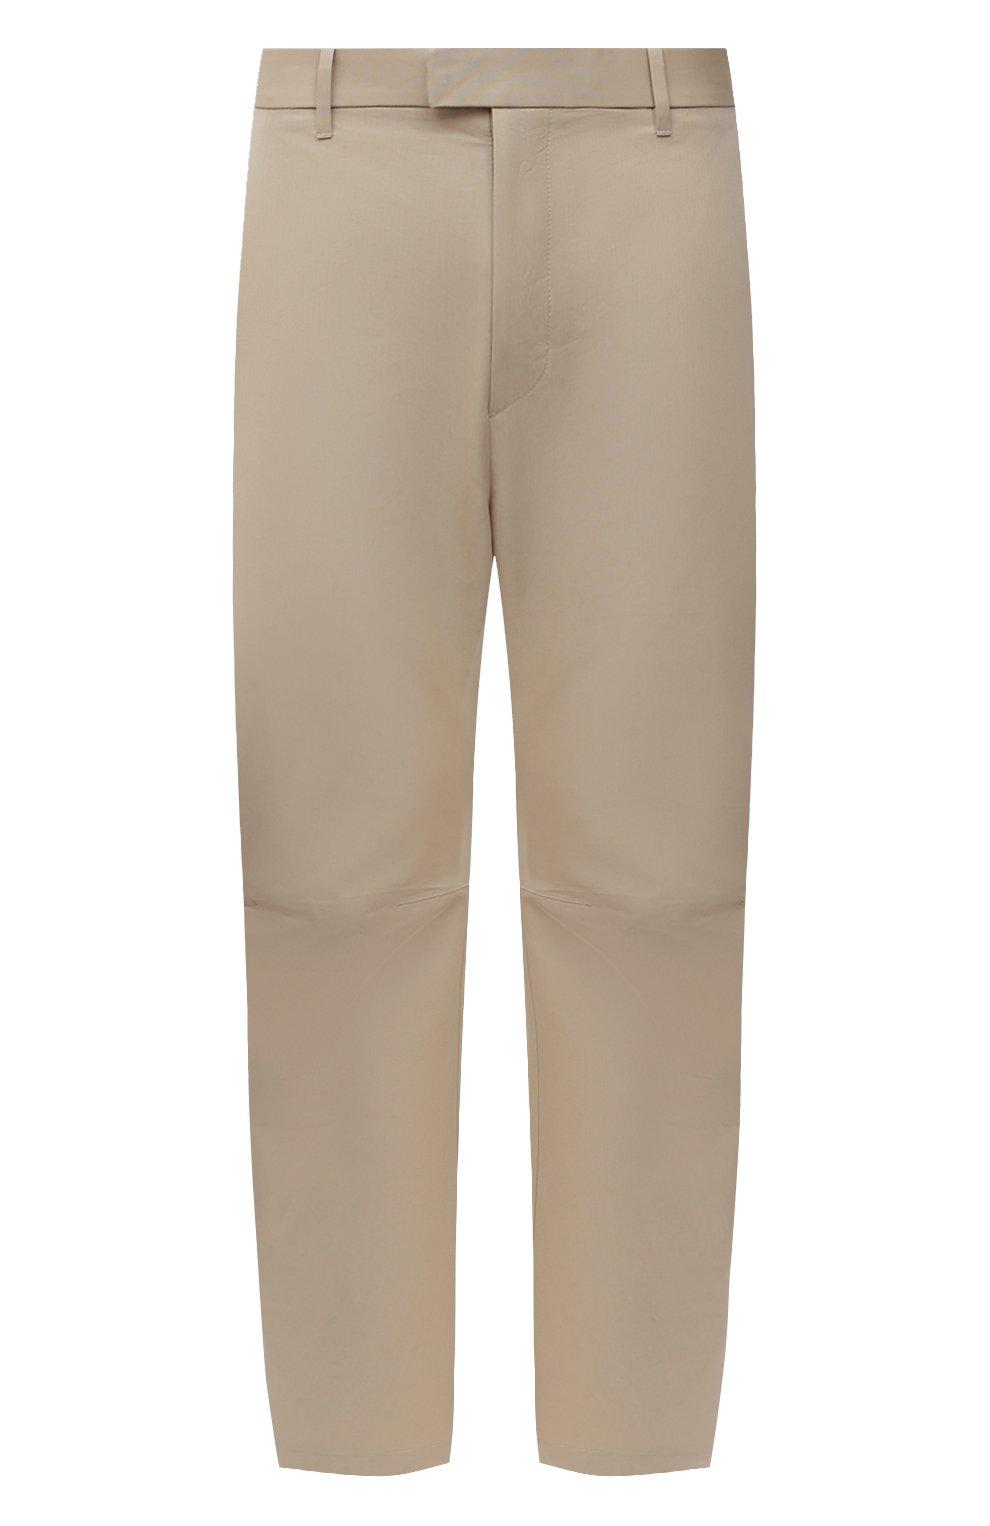 Мужские хлопковые брюки BOTTEGA VENETA бежевого цвета, арт. 647392/V0FJ0 | Фото 1 (Длина (брюки, джинсы): Стандартные; Случай: Повседневный; Материал внешний: Хлопок; Стили: Минимализм)